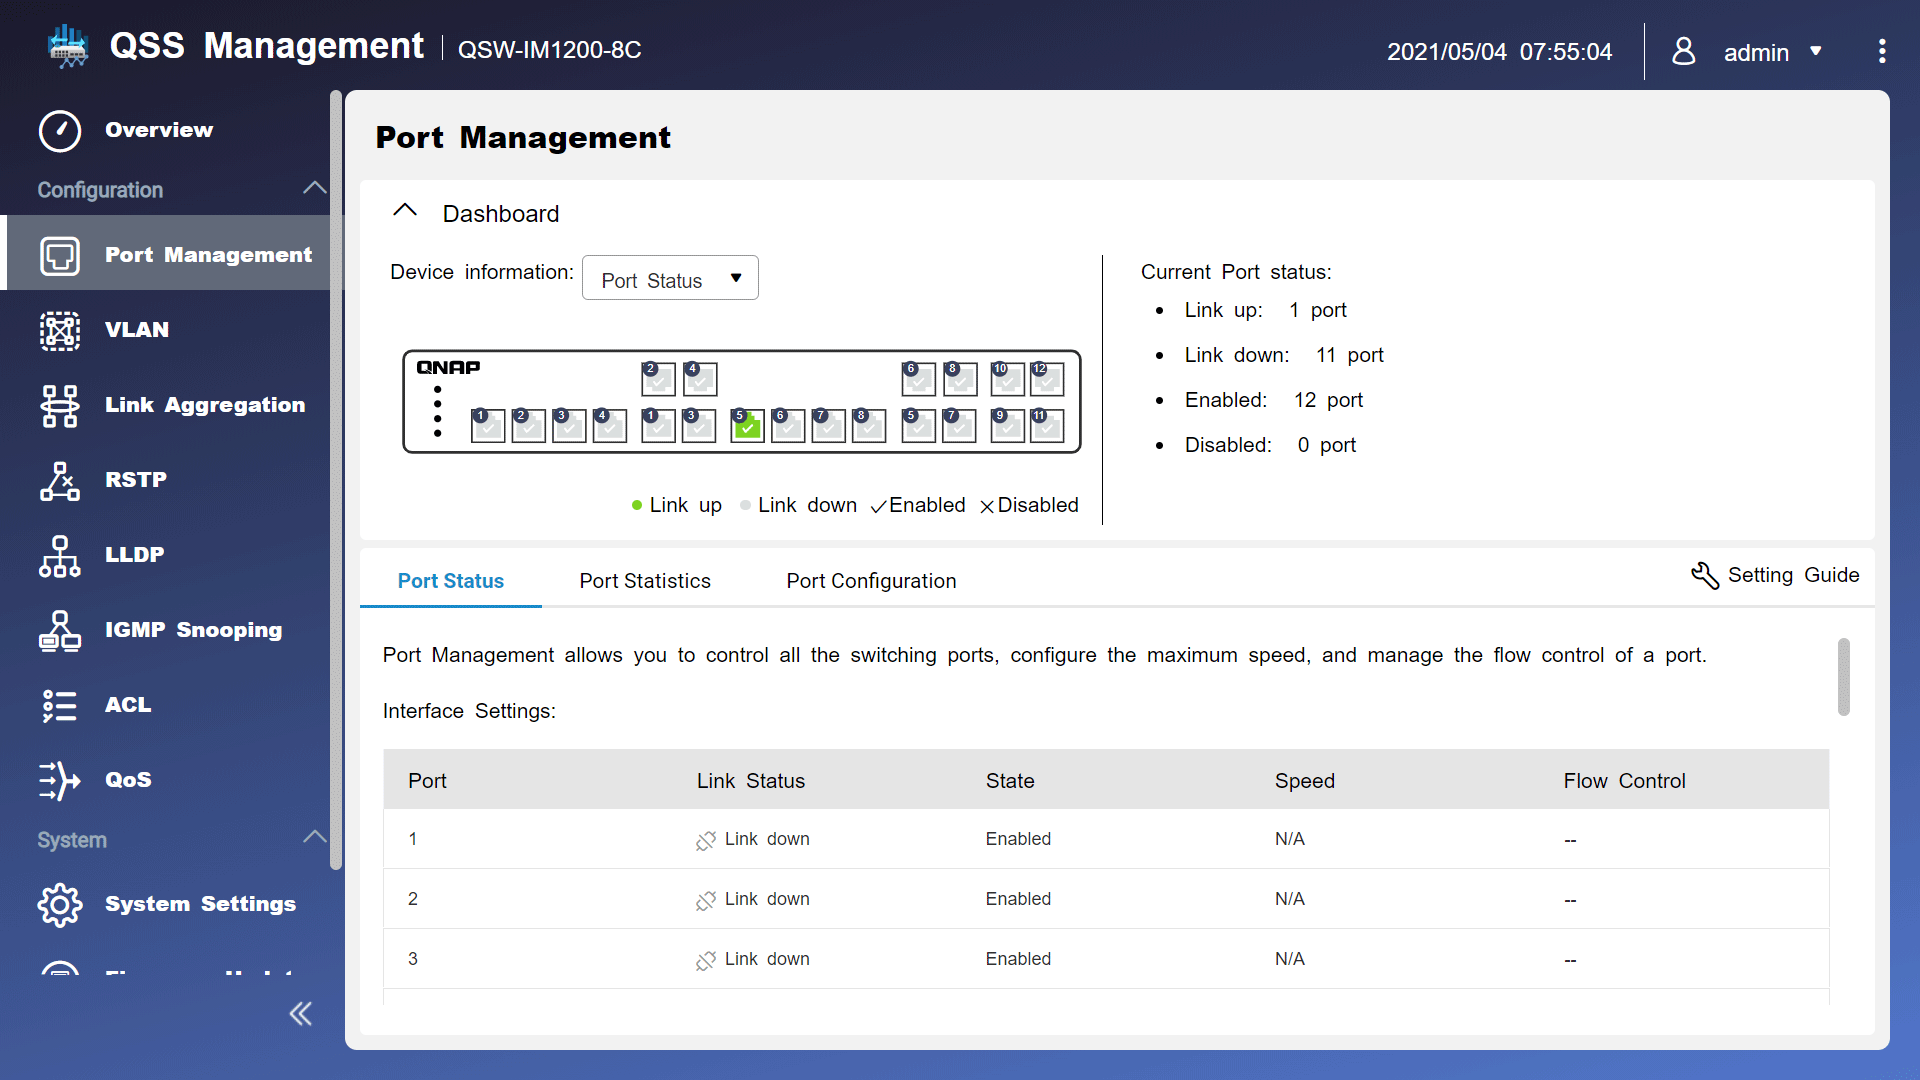 qsw-im1200-8c_qss-management_02.png